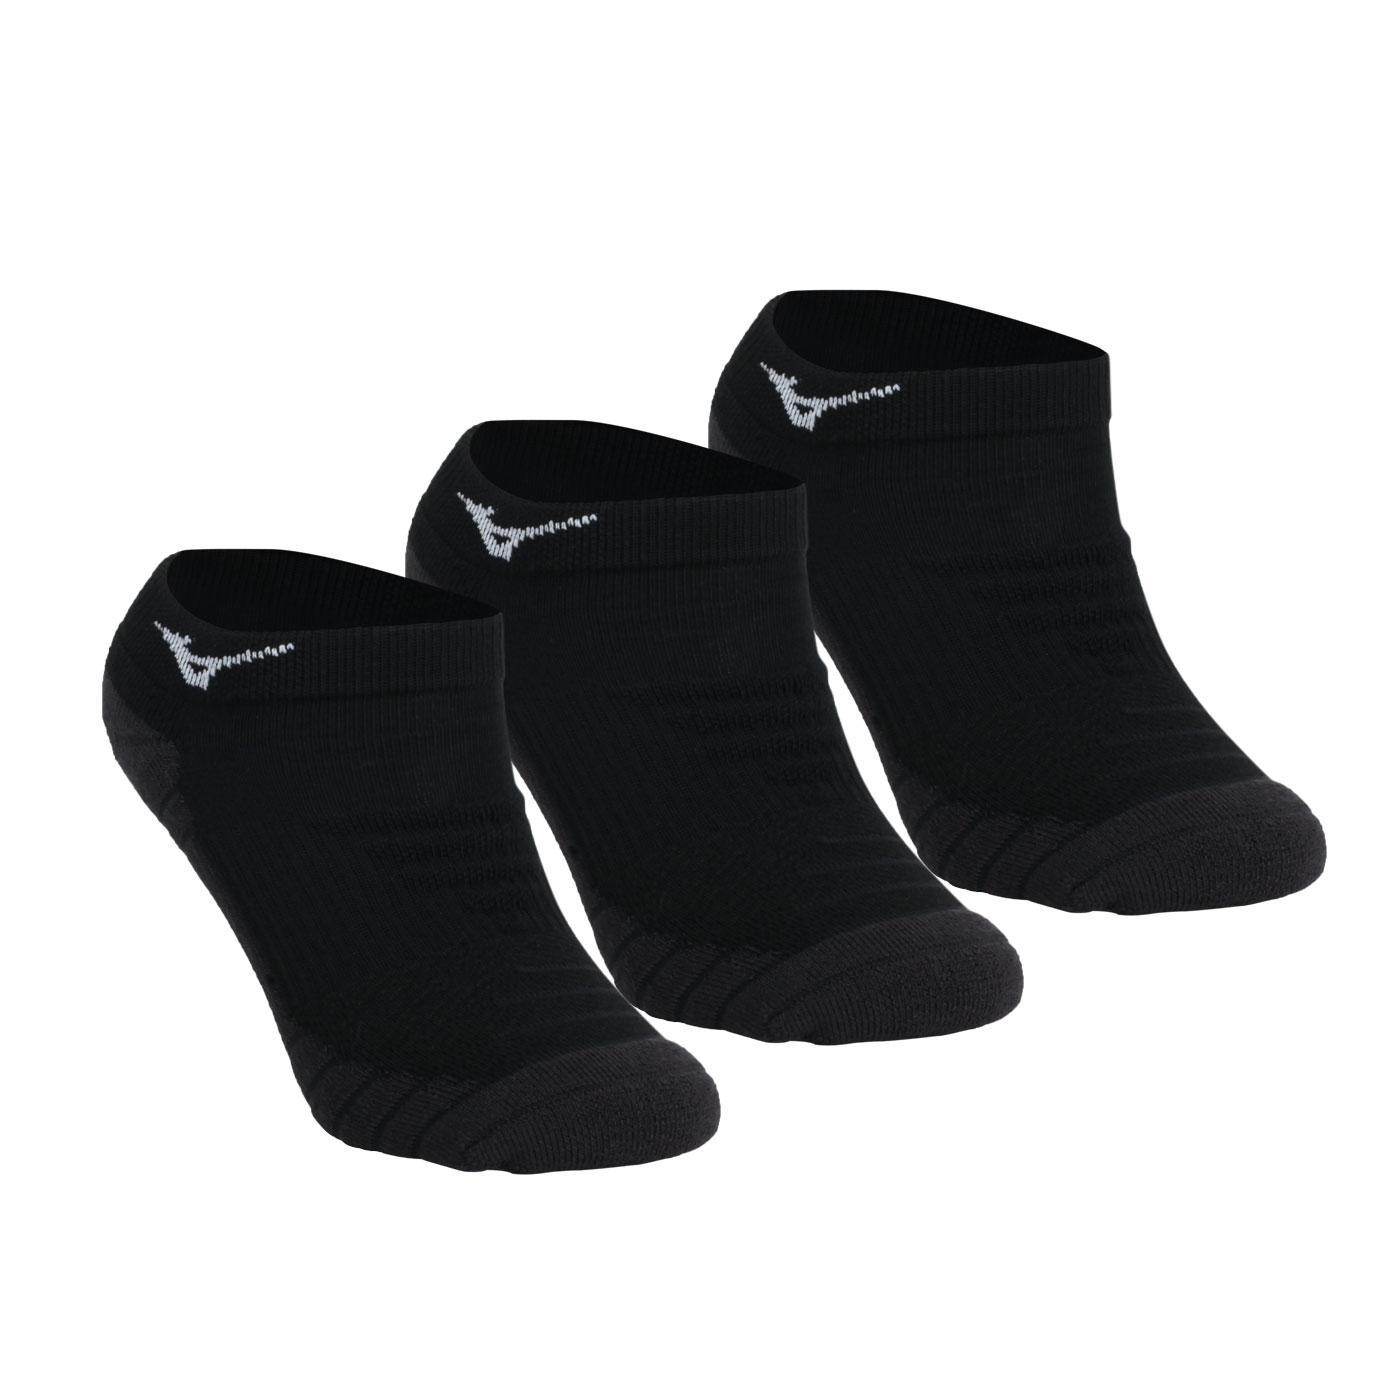 MIZUNO 男運動薄底裸襪(3雙入) 32TX0A3109 - 黑白